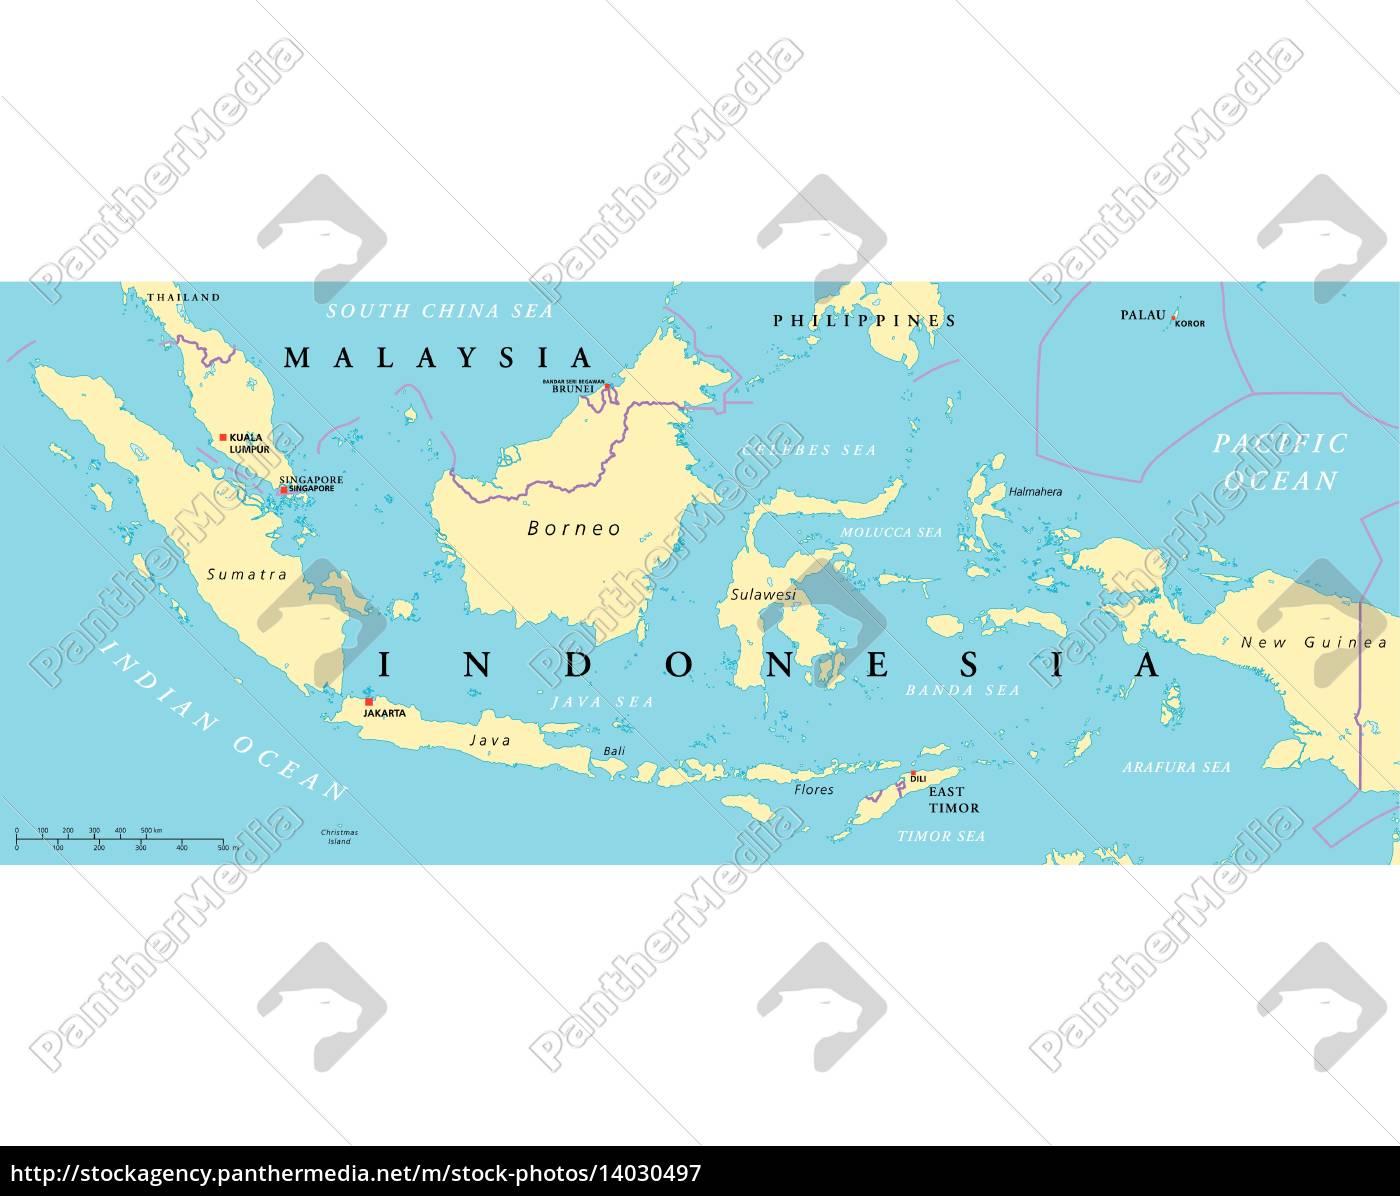 Indonesien Karte.Lizenzfreie Vektorgrafik 14030497 Malaysia Und Indonesien Politische Karte